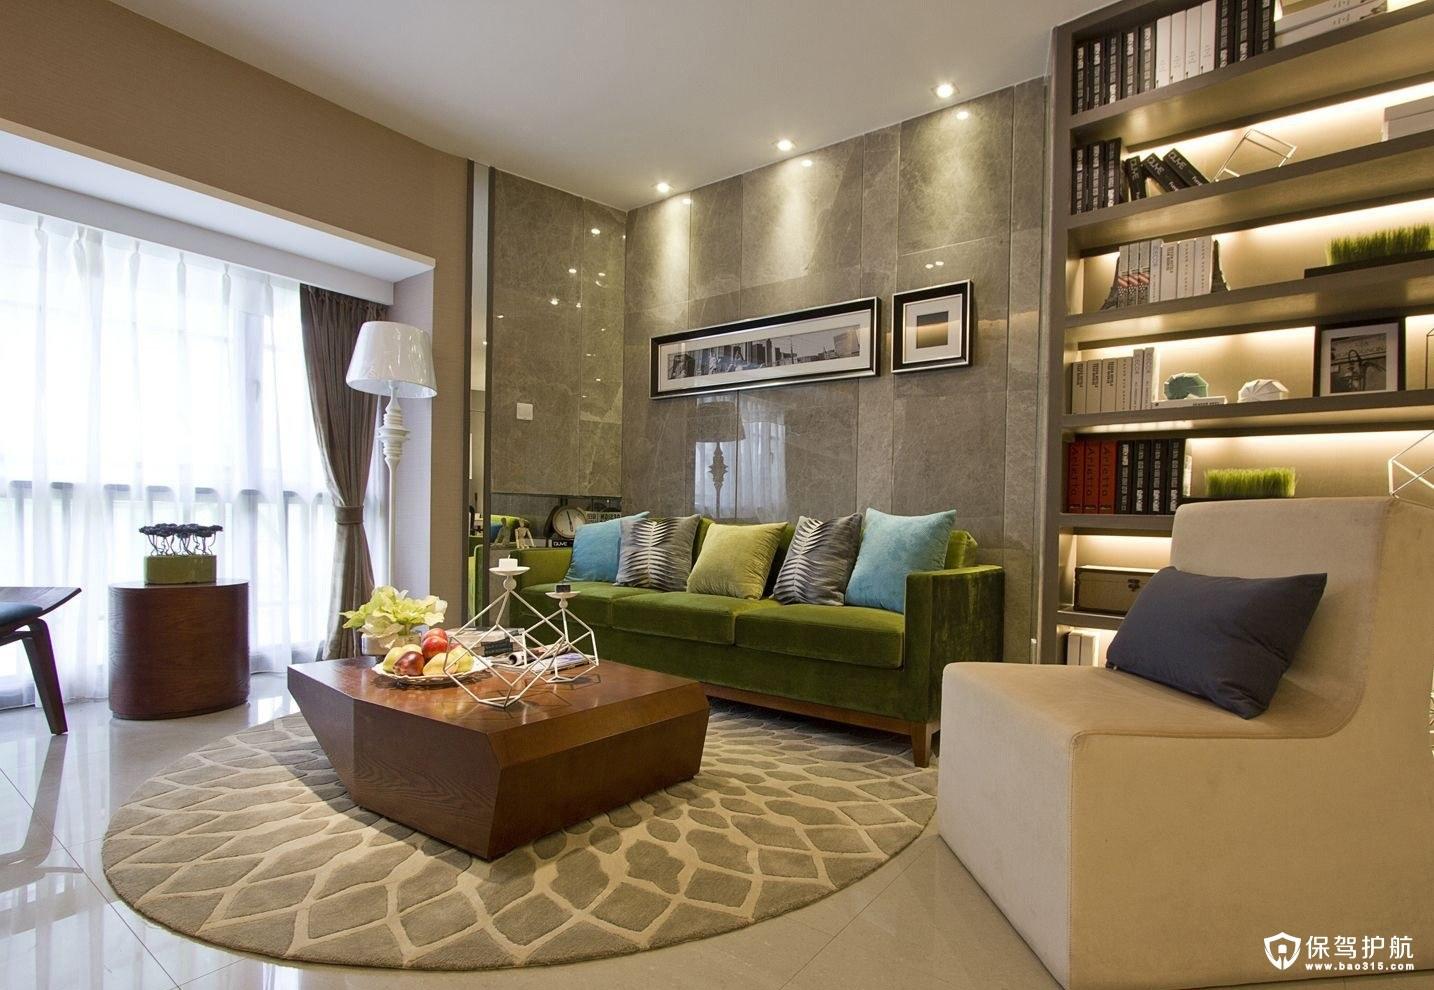 让人喜欢的混搭风格单身公寓设计效果…